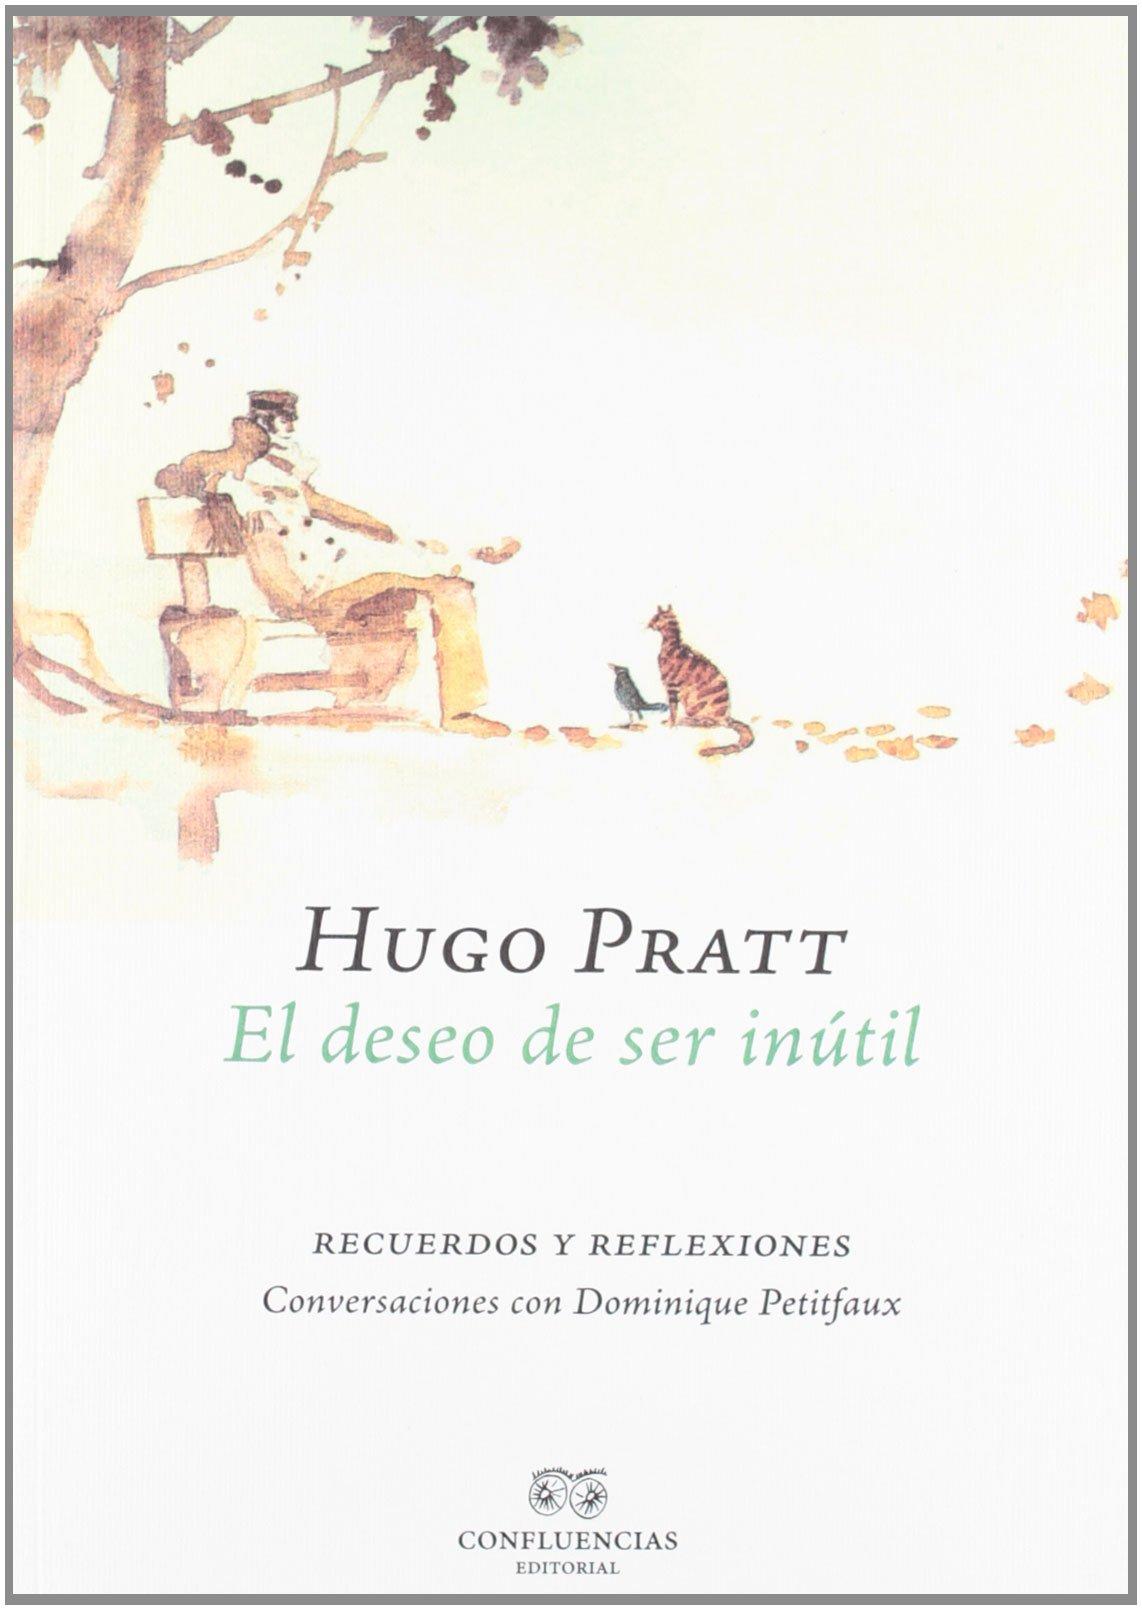 El deseo de ser inútil: RECUERDOS Y REFLEXIONES Apeninos: Amazon.es: Pratt, Hugo: Libros